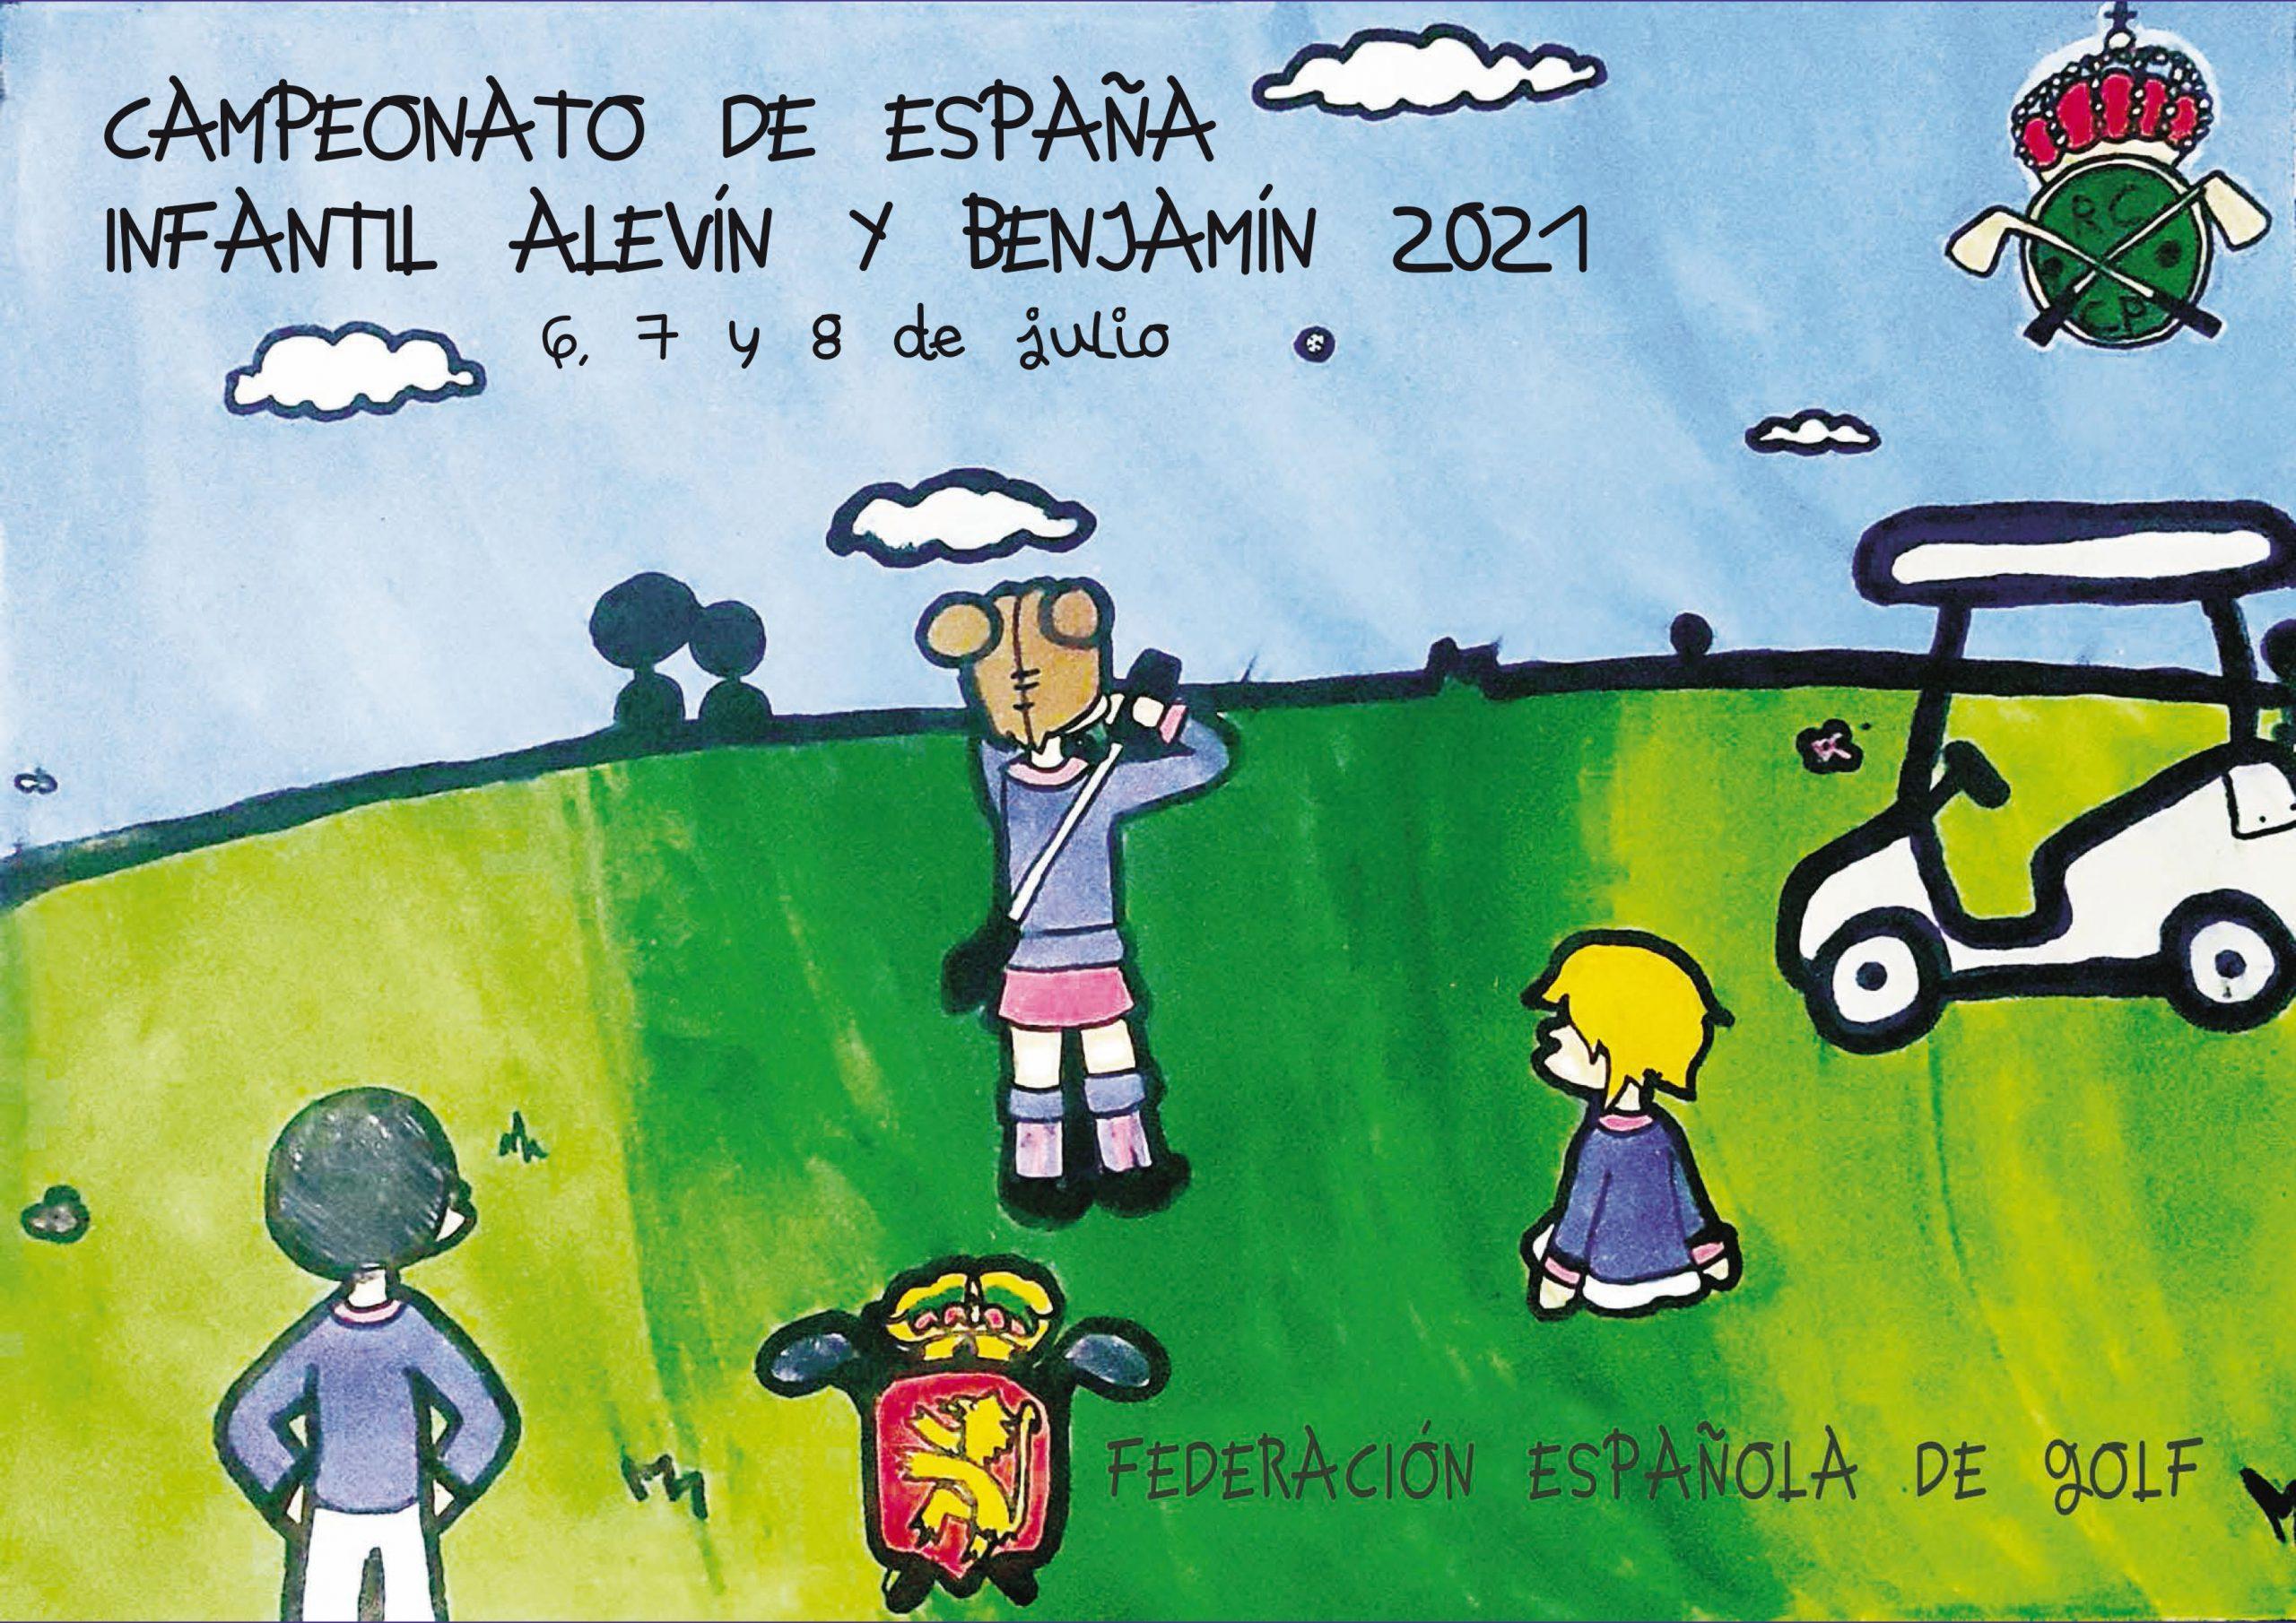 Cto. España Alevín y Benjamín 2021